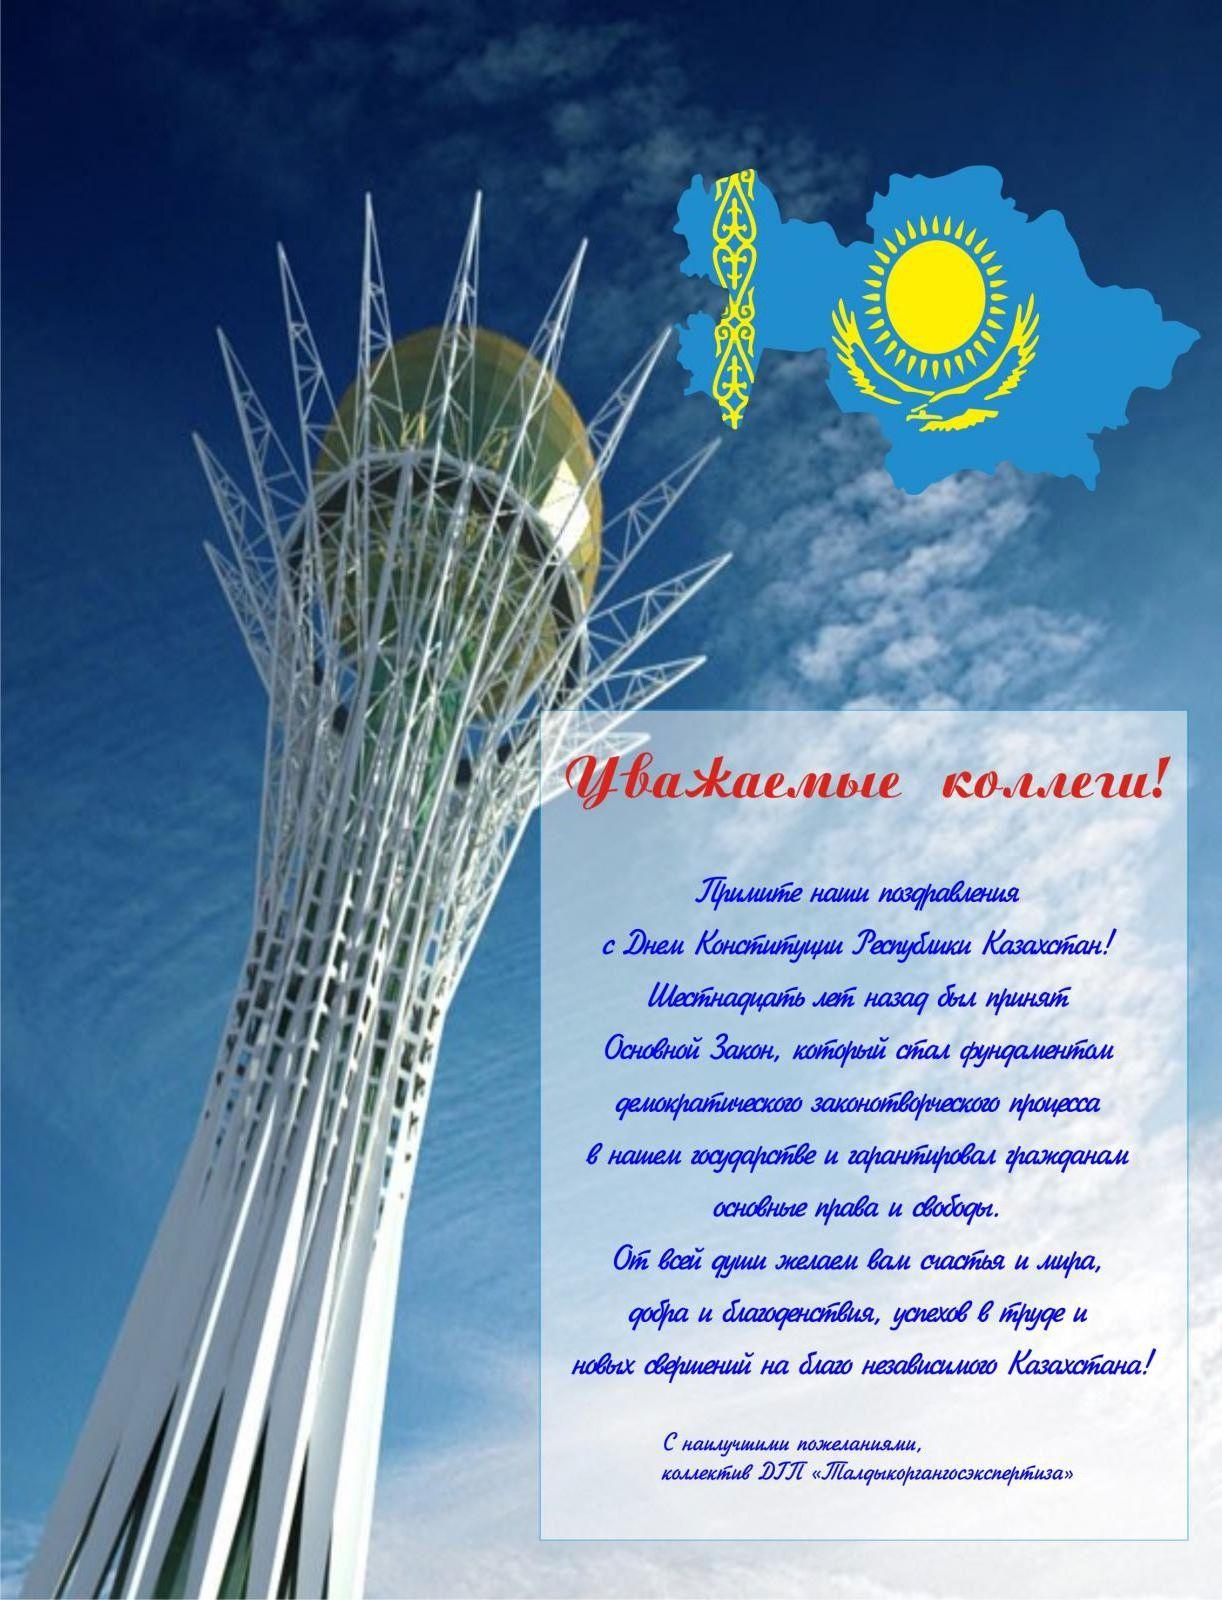 Поздравления в открытке с днем независимости